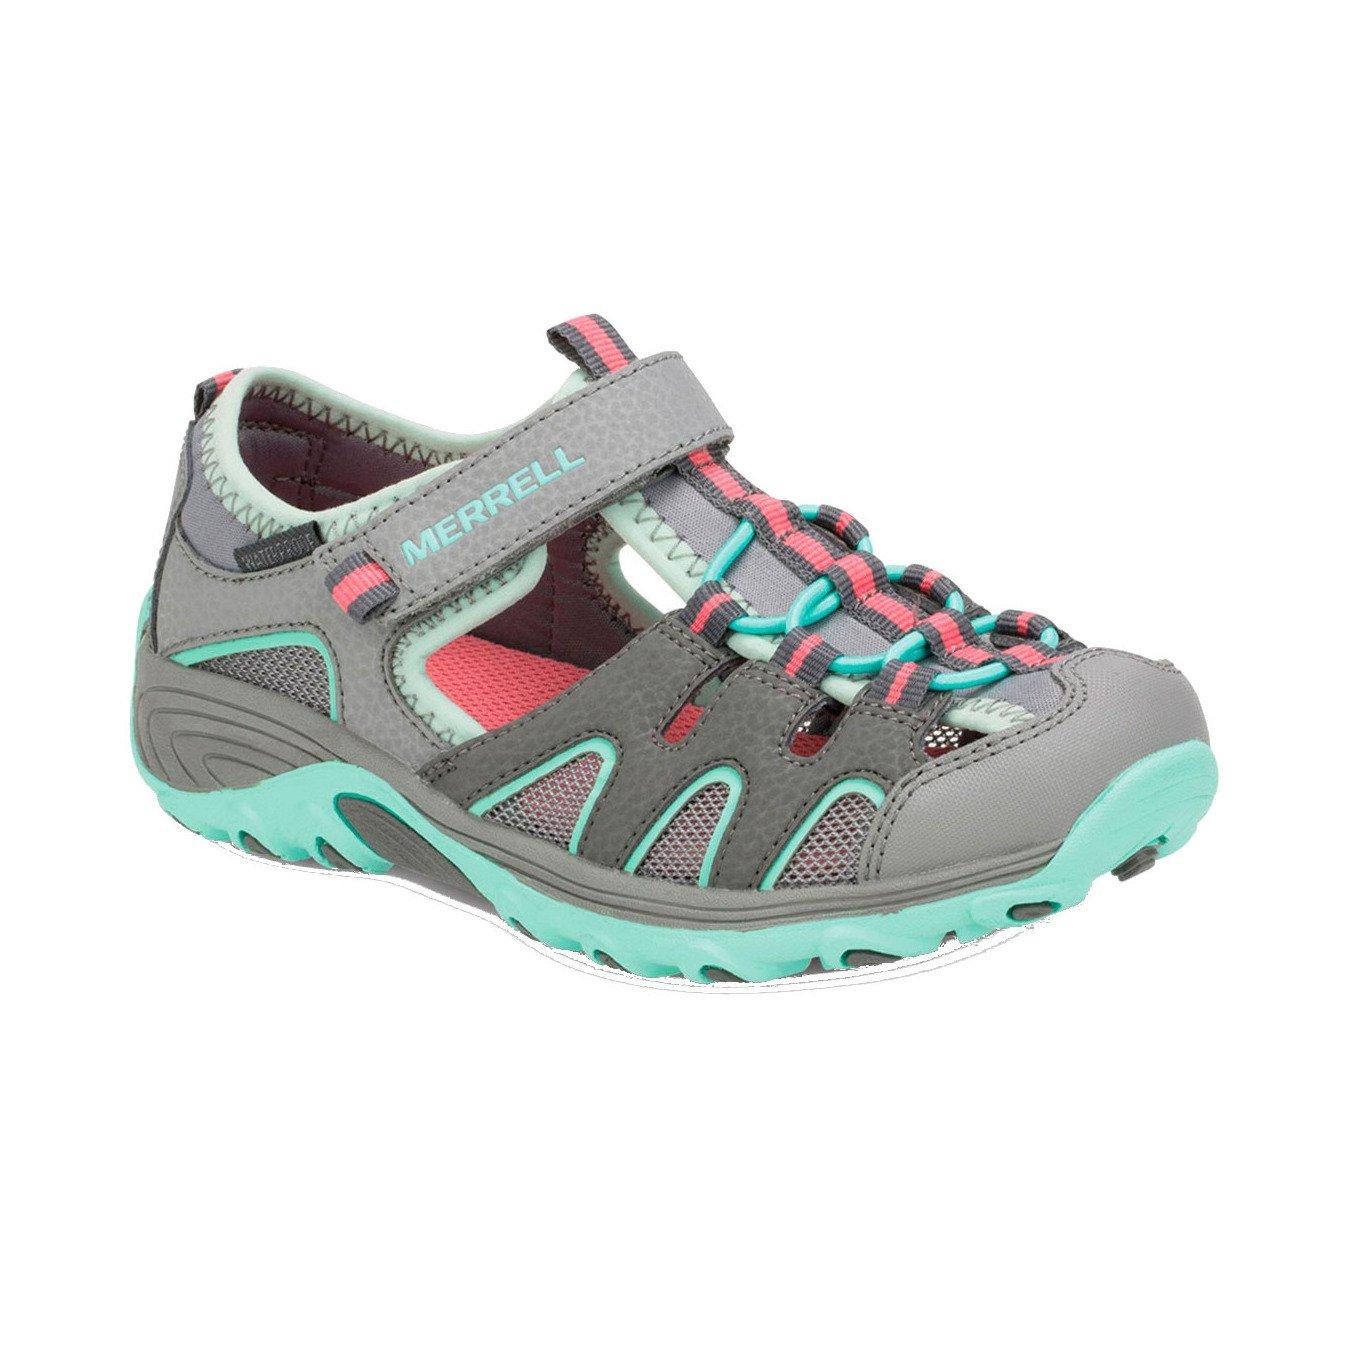 701bbf0489525 Sandały dziecięce HYDRO H20 GIRLS | buty i skarpety \ dziecięce ...